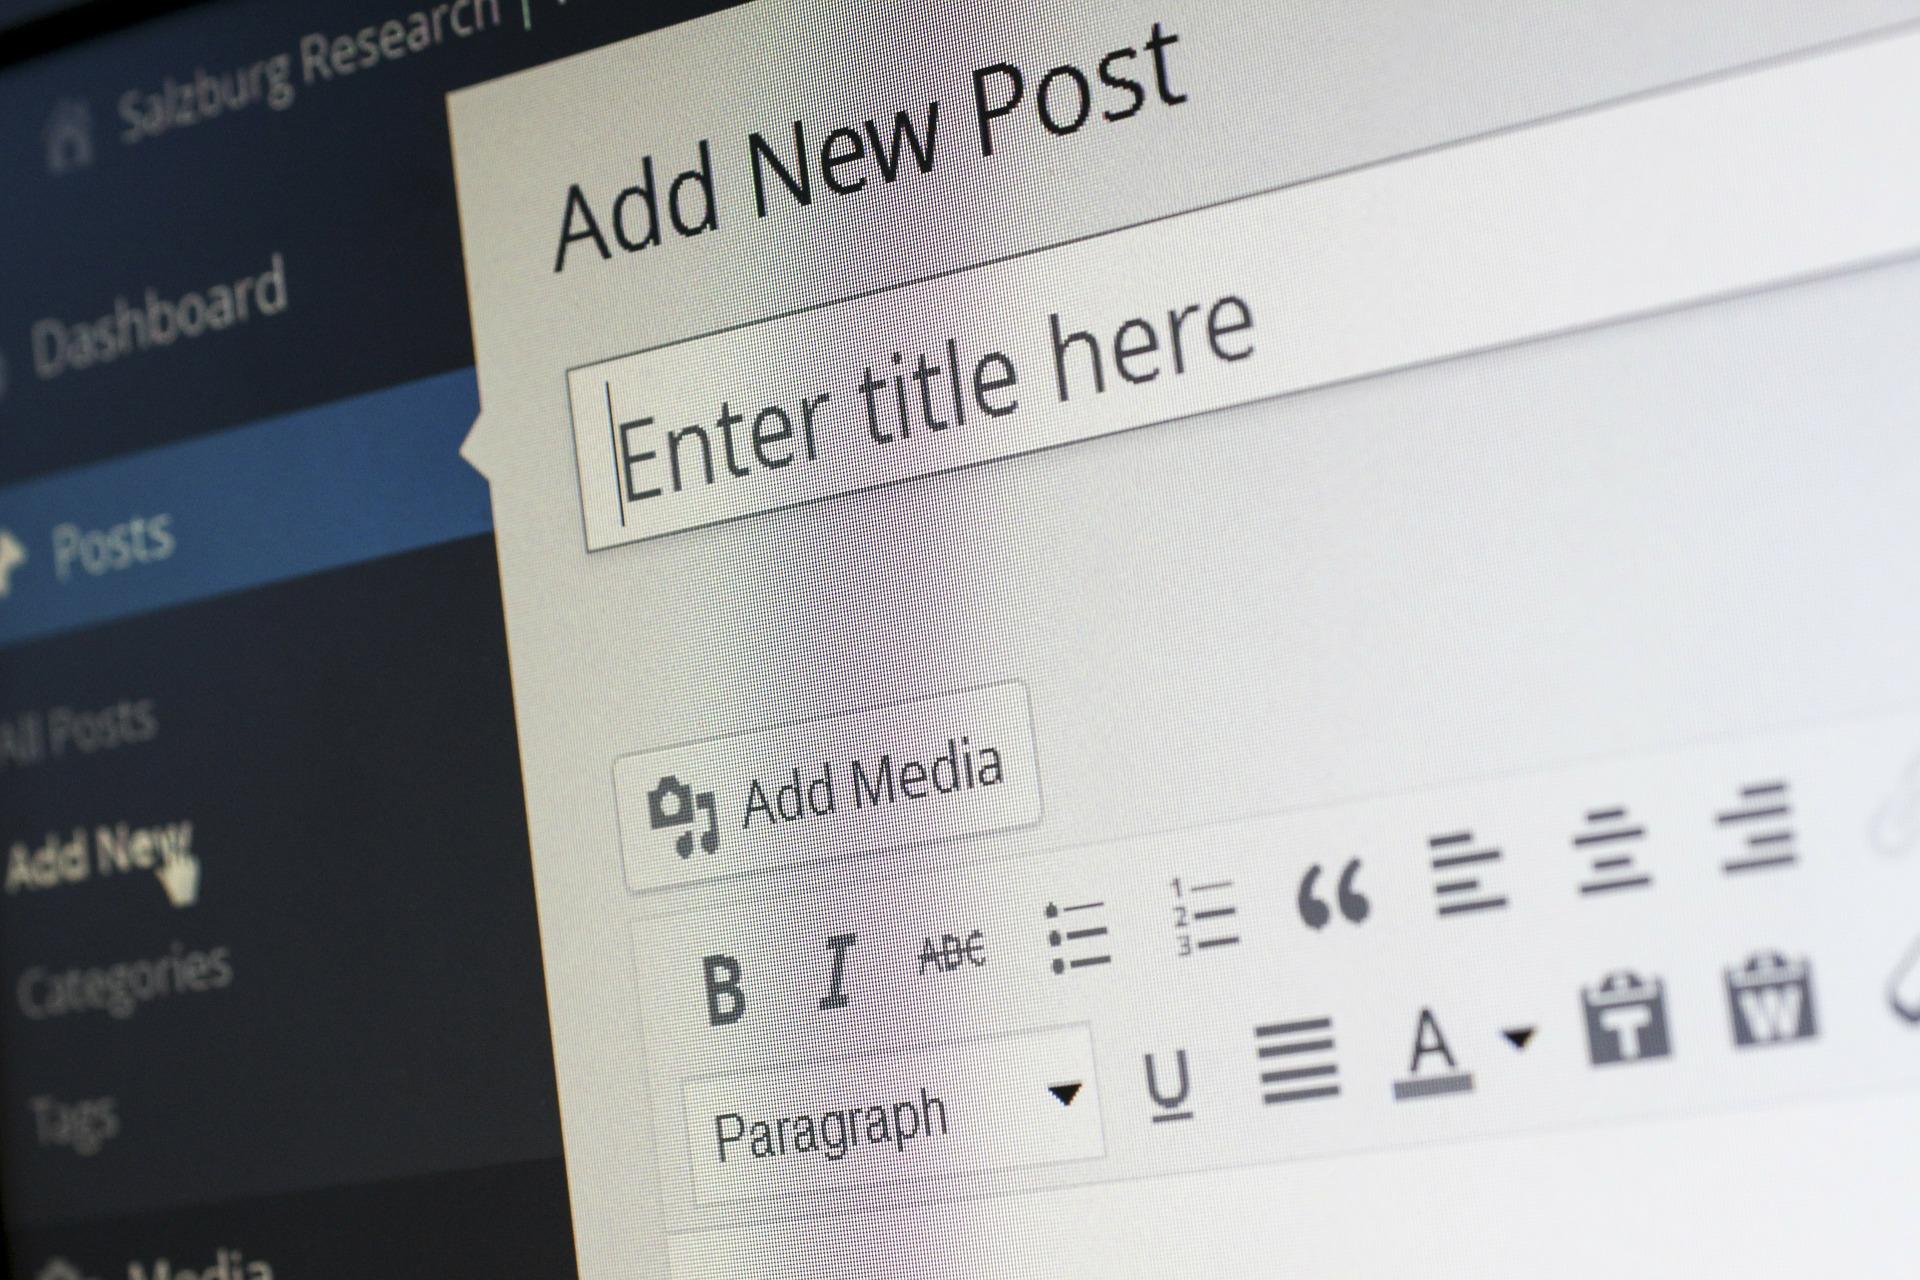 Add new post tab in WordPress